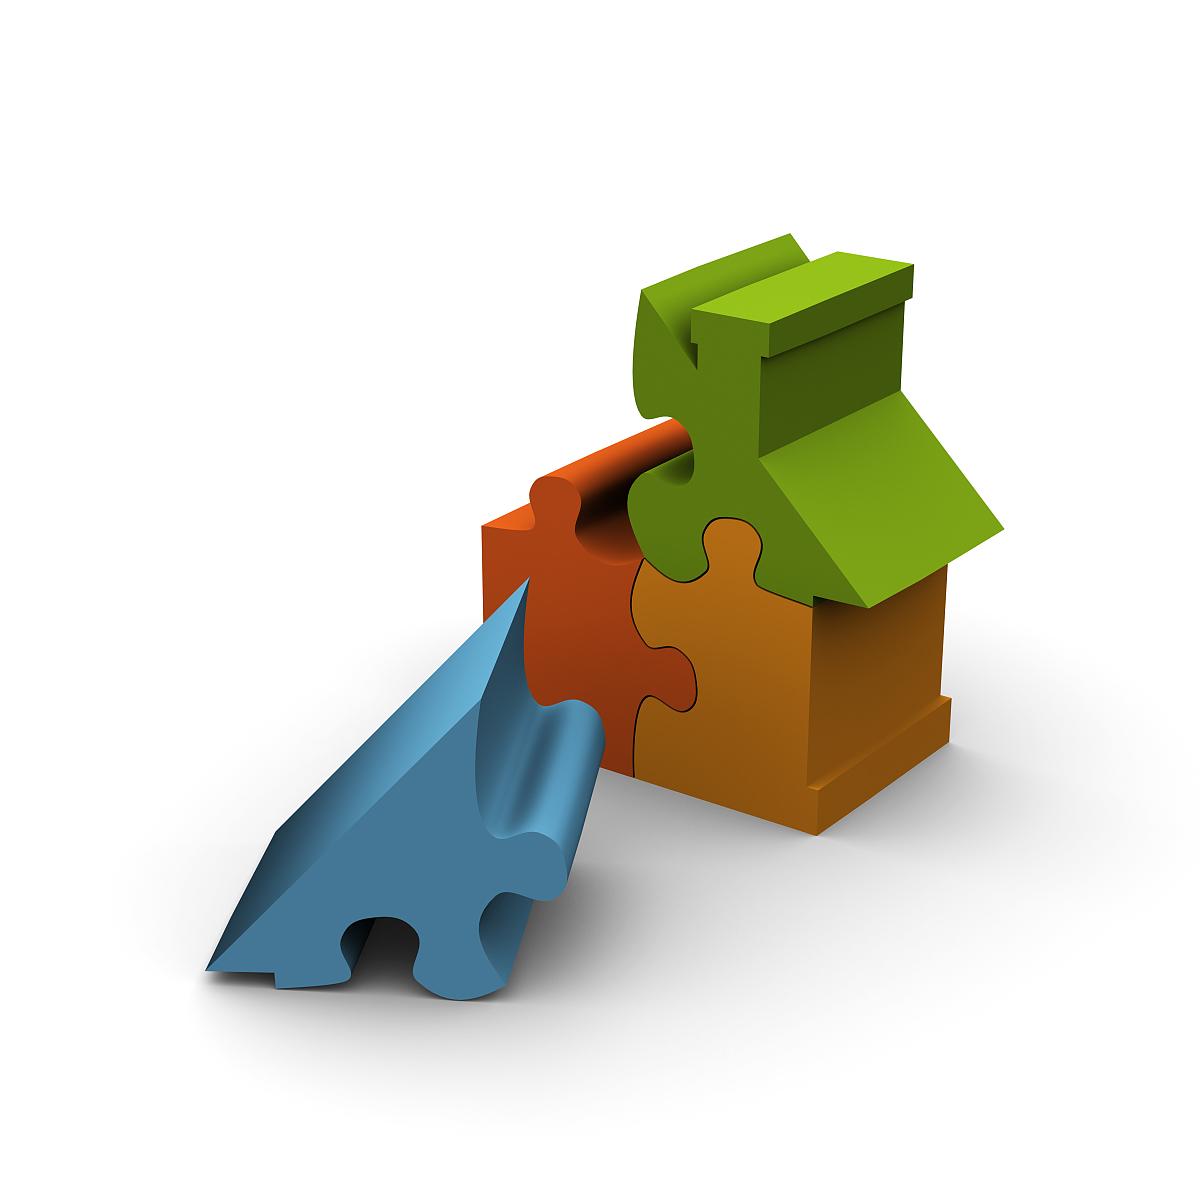 房地产,七巧板,符号,背景分离,谜题游戏,房屋,正方形,简单背景,概念图片